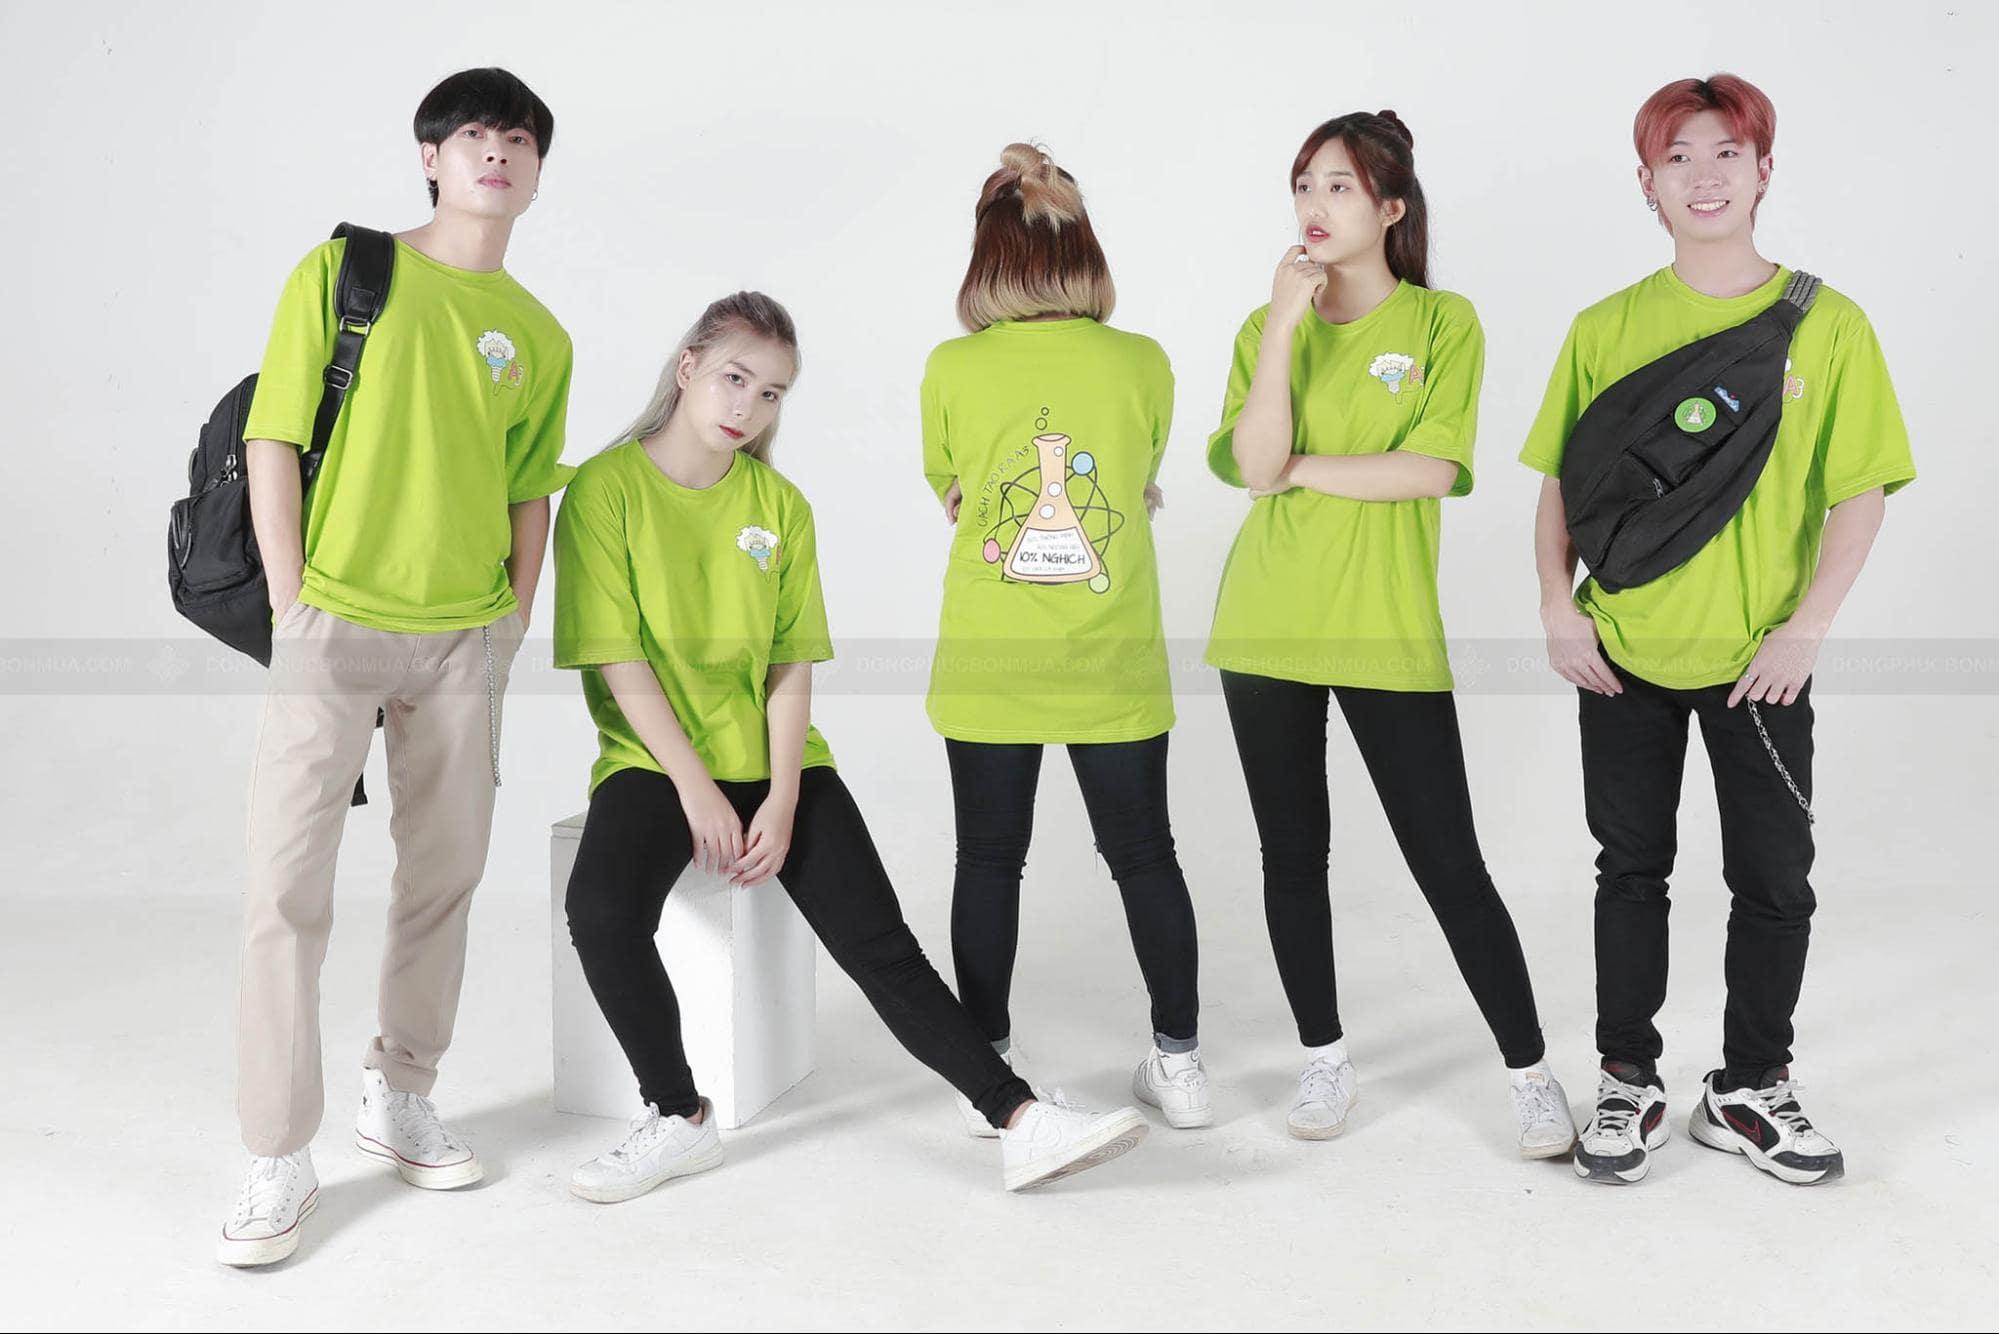 đồng phục màu xanh lá cây